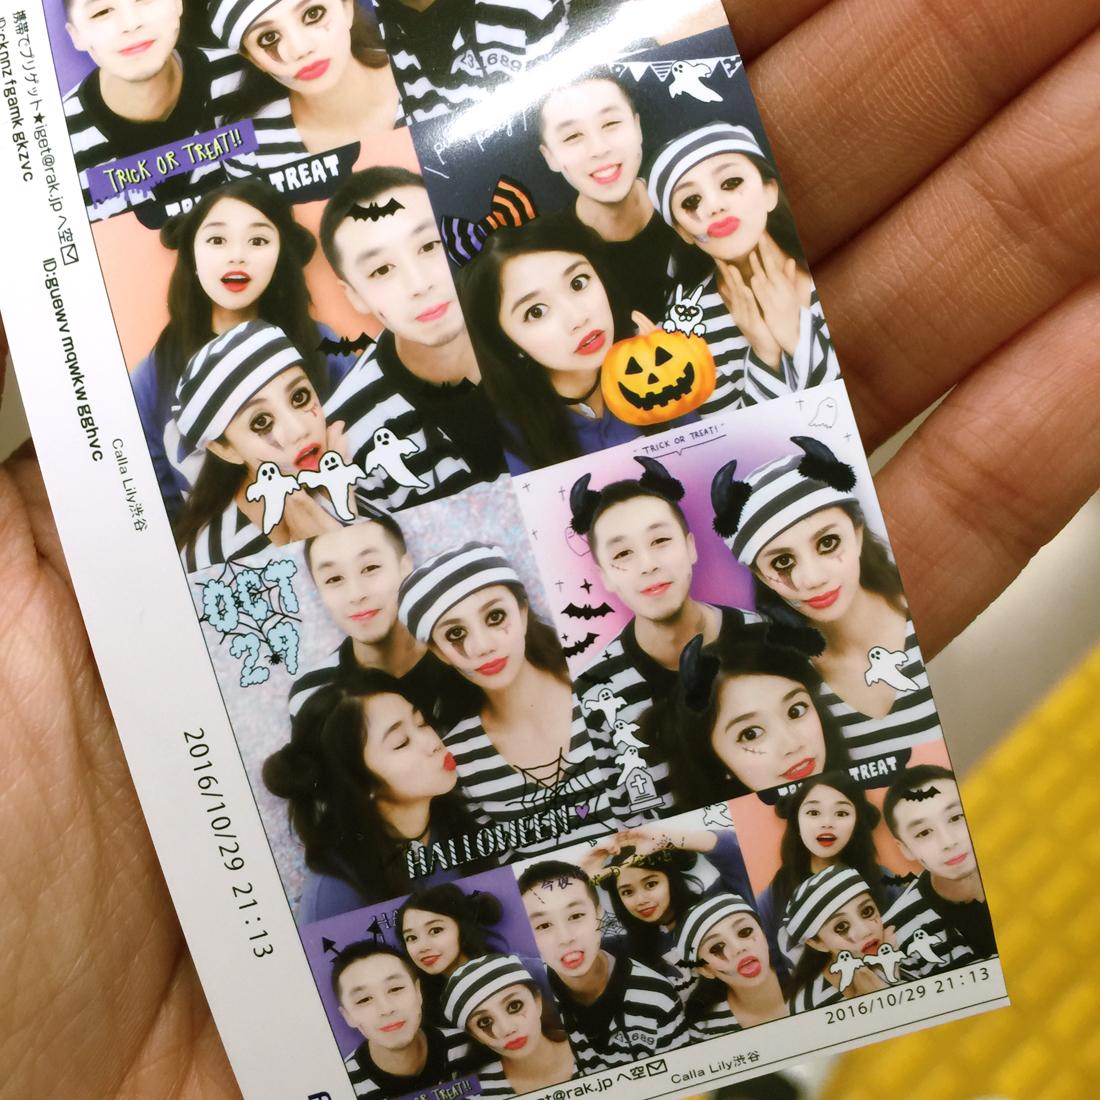 halloween-in-shibuya-halloween-in-tokyo-rainbowholic-63